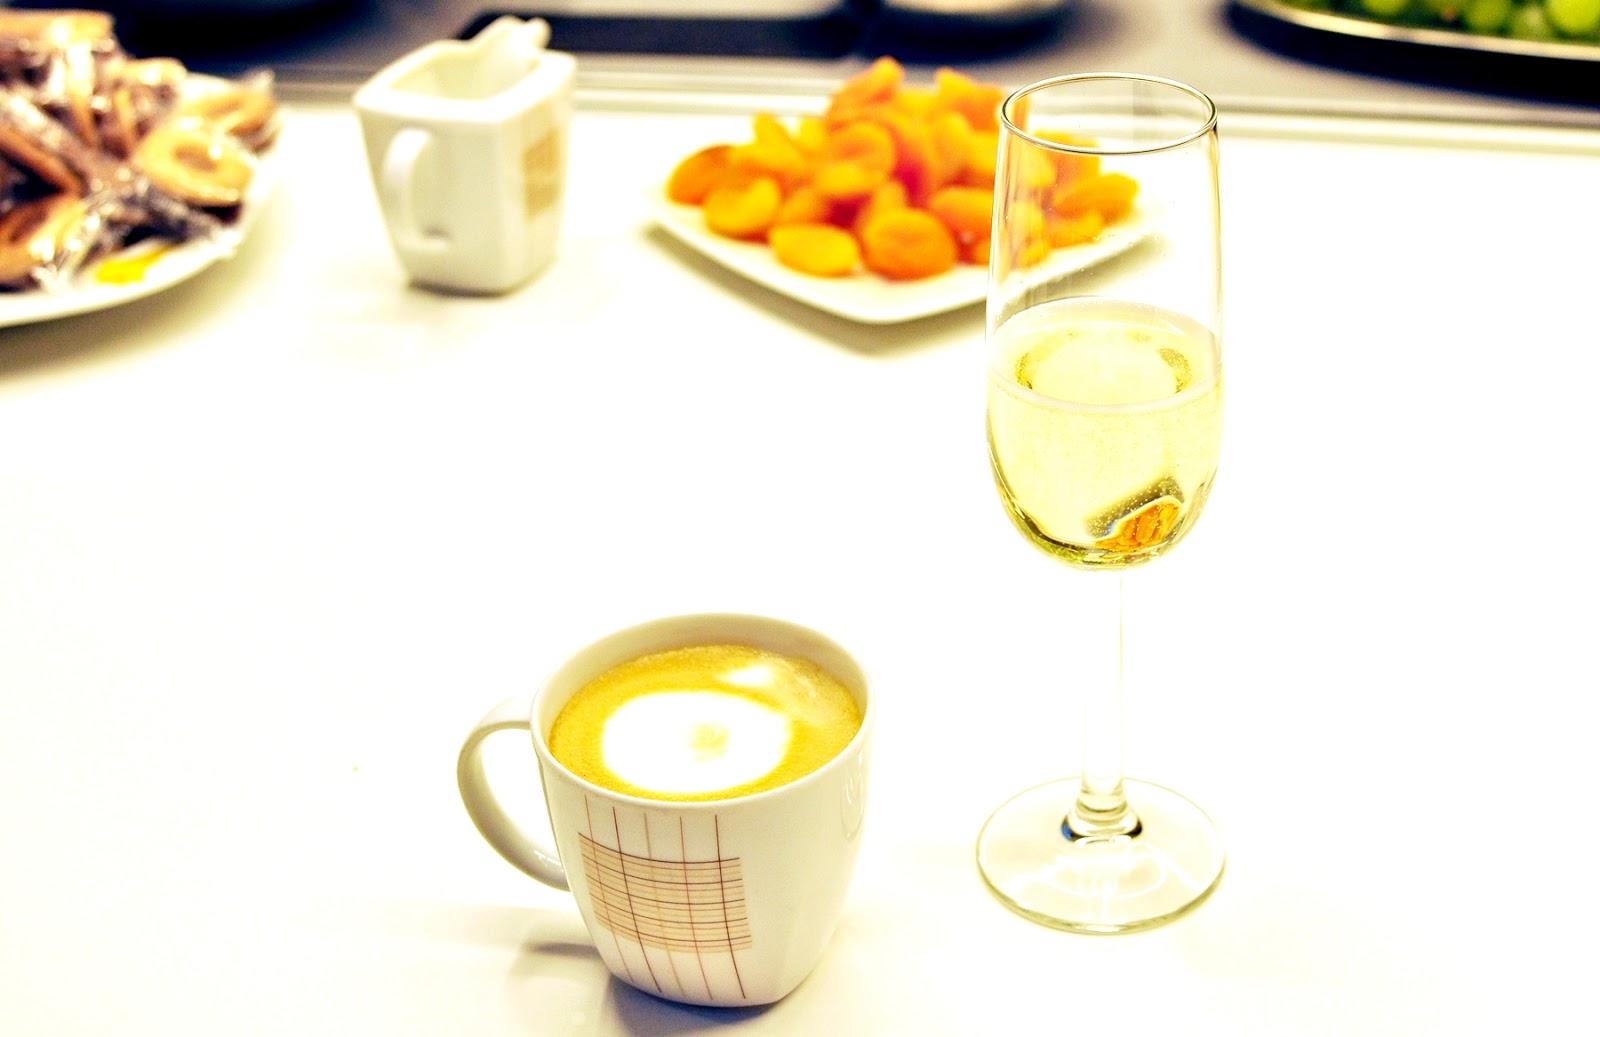 przywitanie_szampan-i-poczestunek